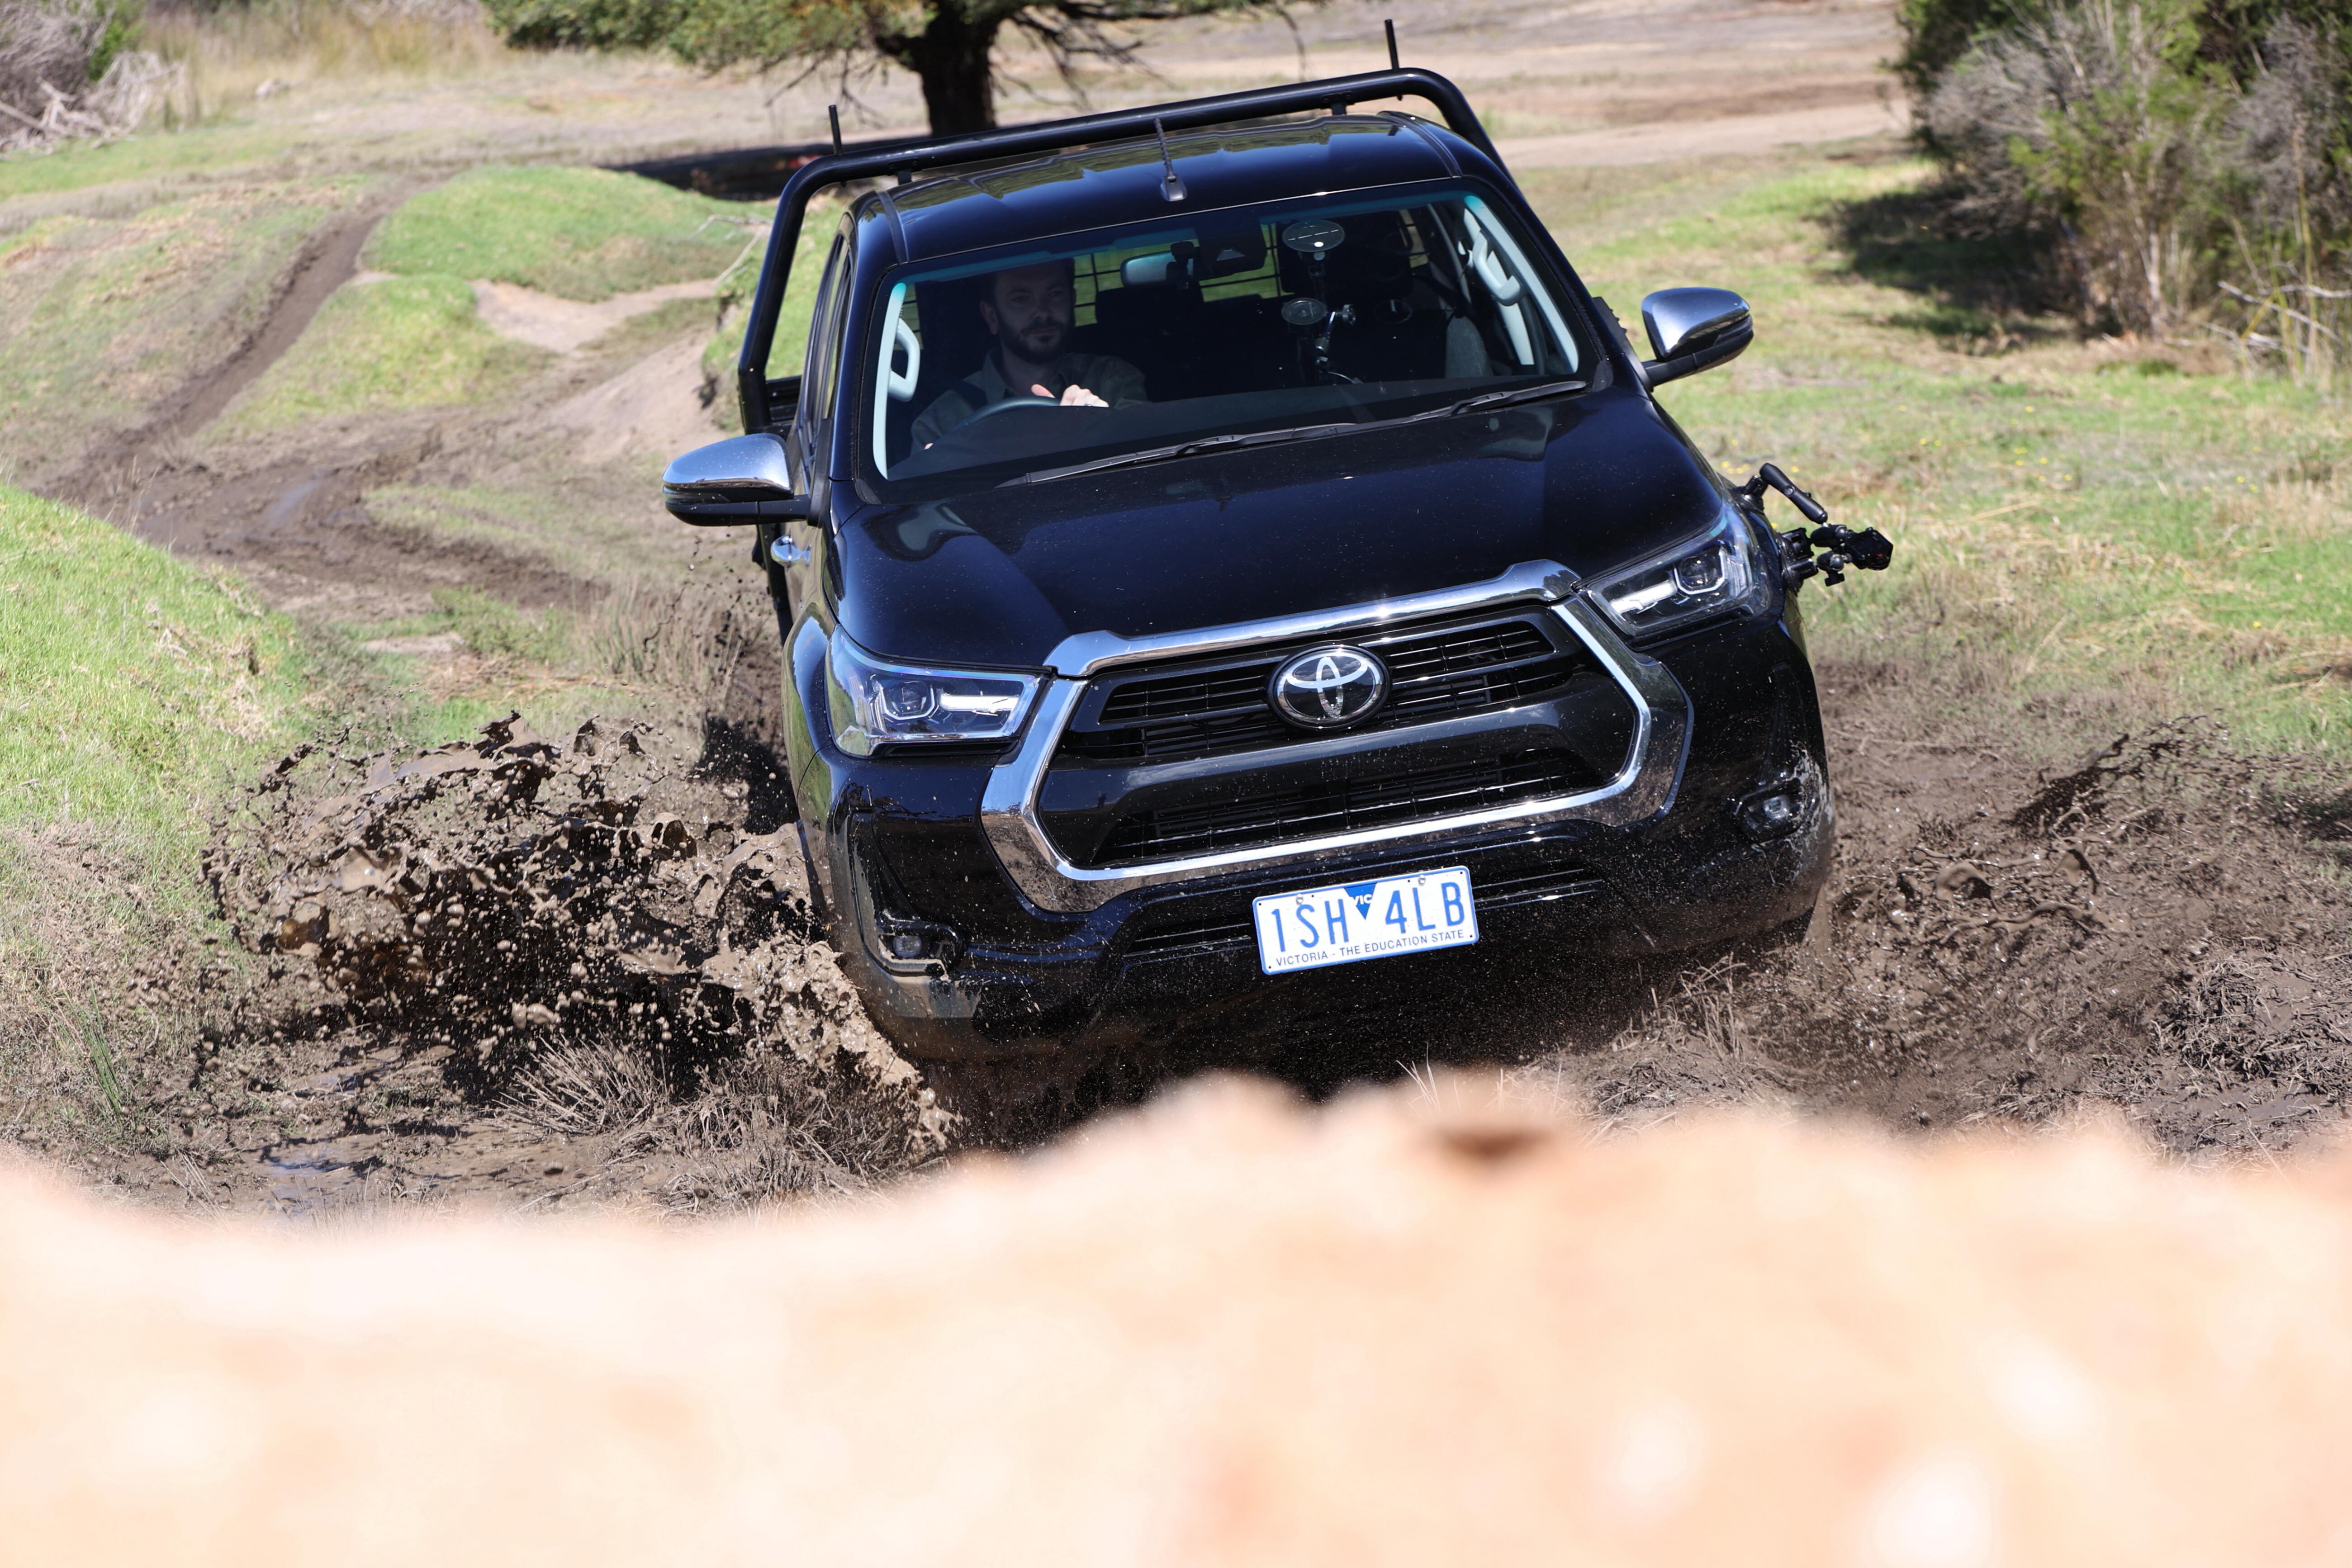 4 X 4 Australia Comparisons 2021 May 21 Toyota Hilux SR 5 Off Road Drive